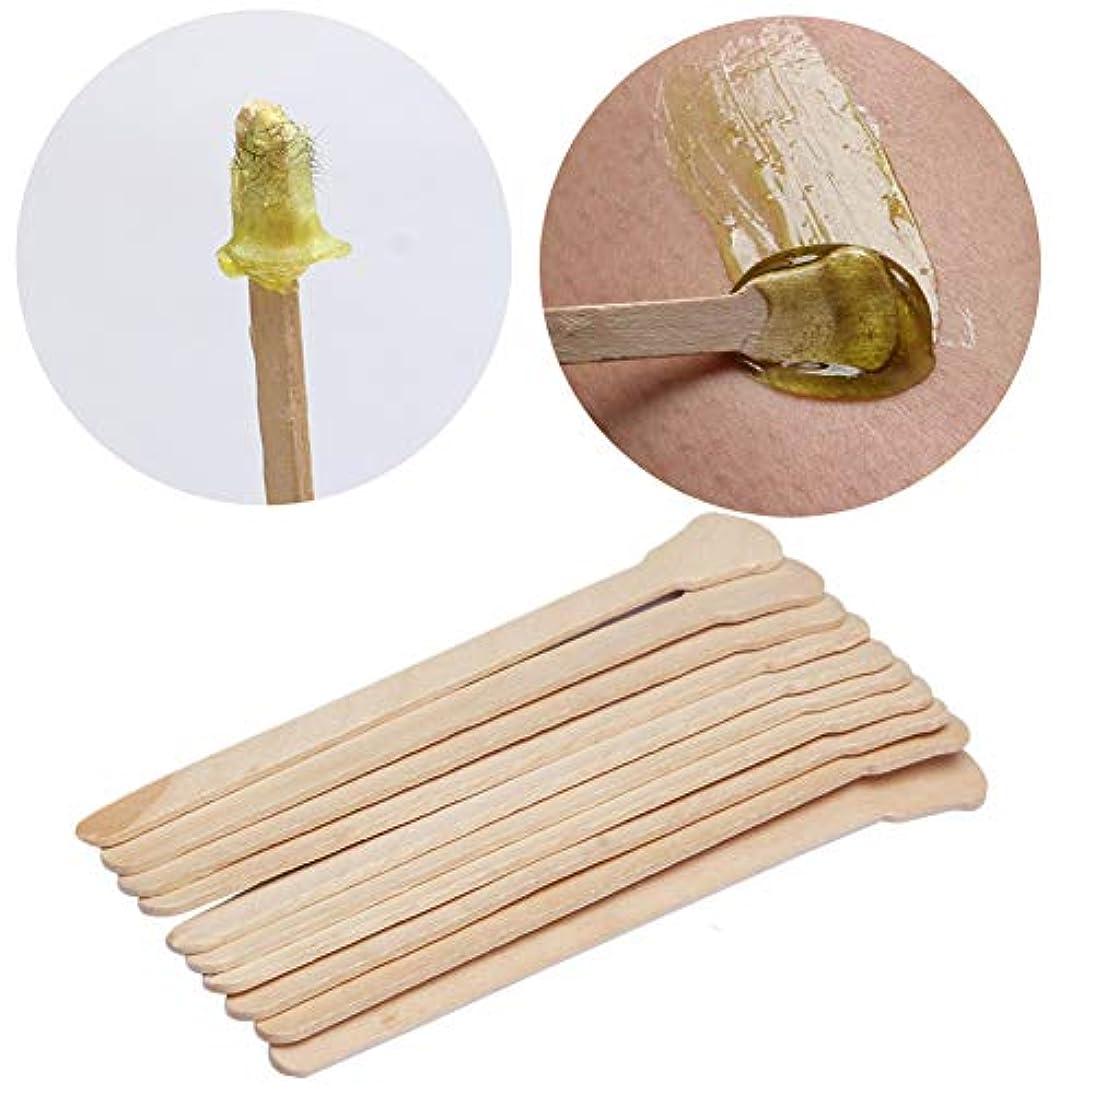 政令ターミナルフクロウKingsie 使い捨て スパチュラ 木製 50本セット 脱毛ワックス用 12.5cm アイススティック棒 化粧品 フェイスマスク、クリームなどをすくい取る際に ワックス脱毛